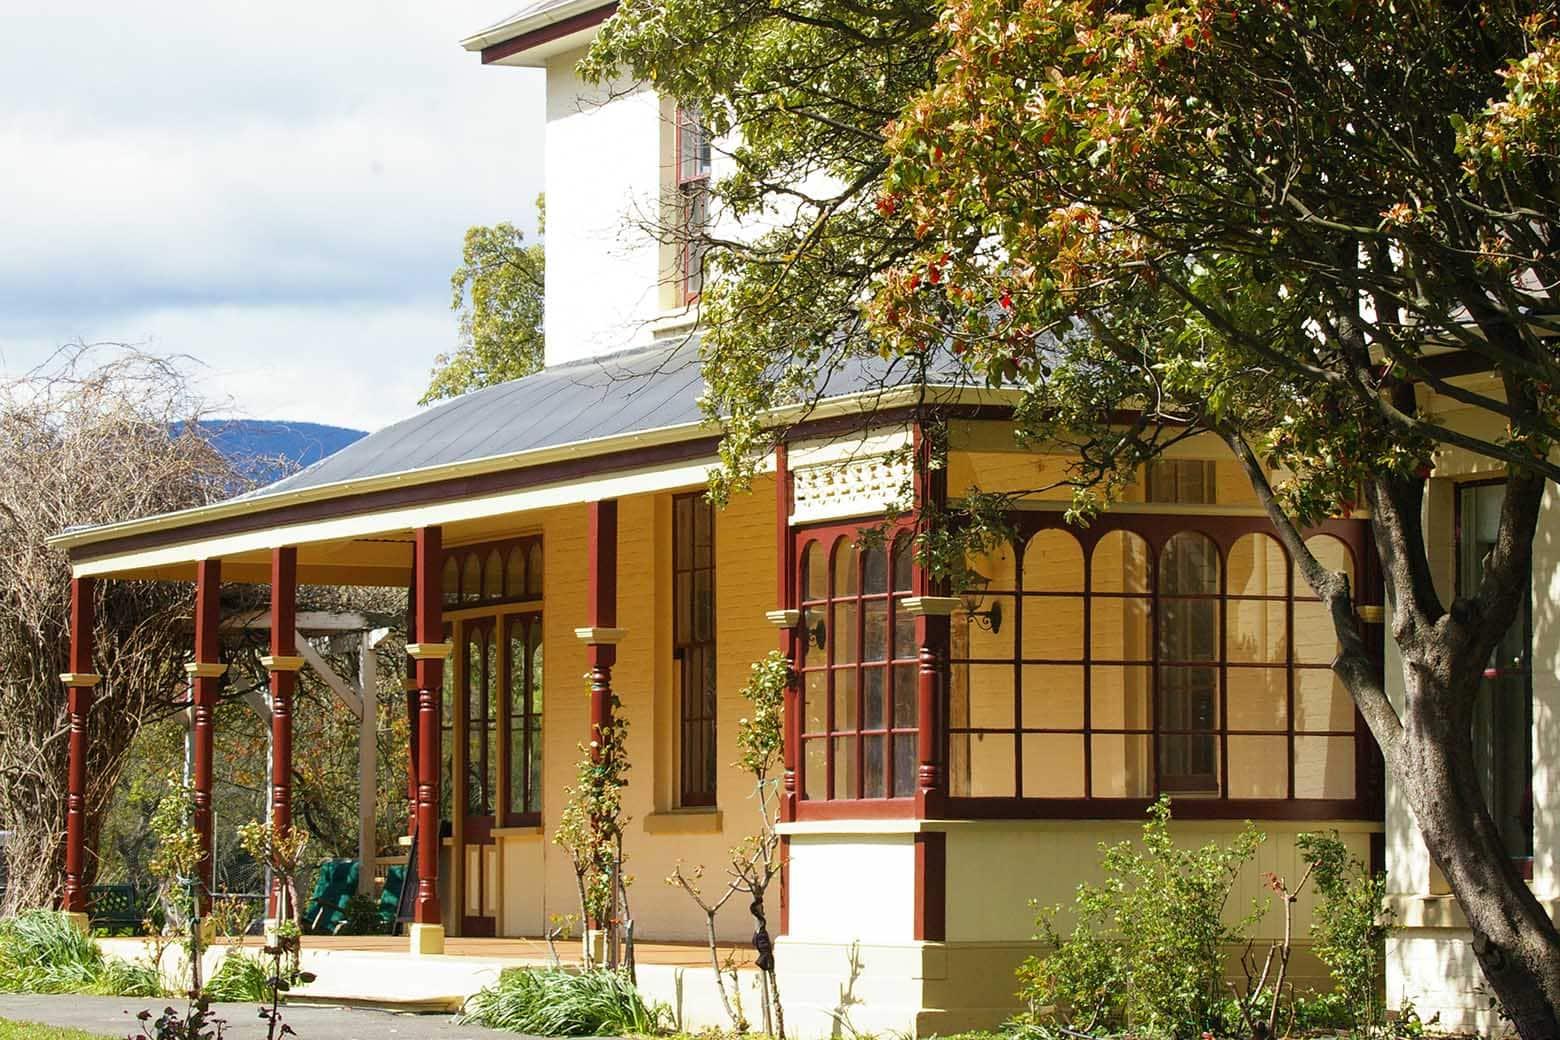 Glen Derwent Heritage Retreat in New Norfolk is an excellent Derwent Valley accommodation option on your Lap of Tasmania road trip